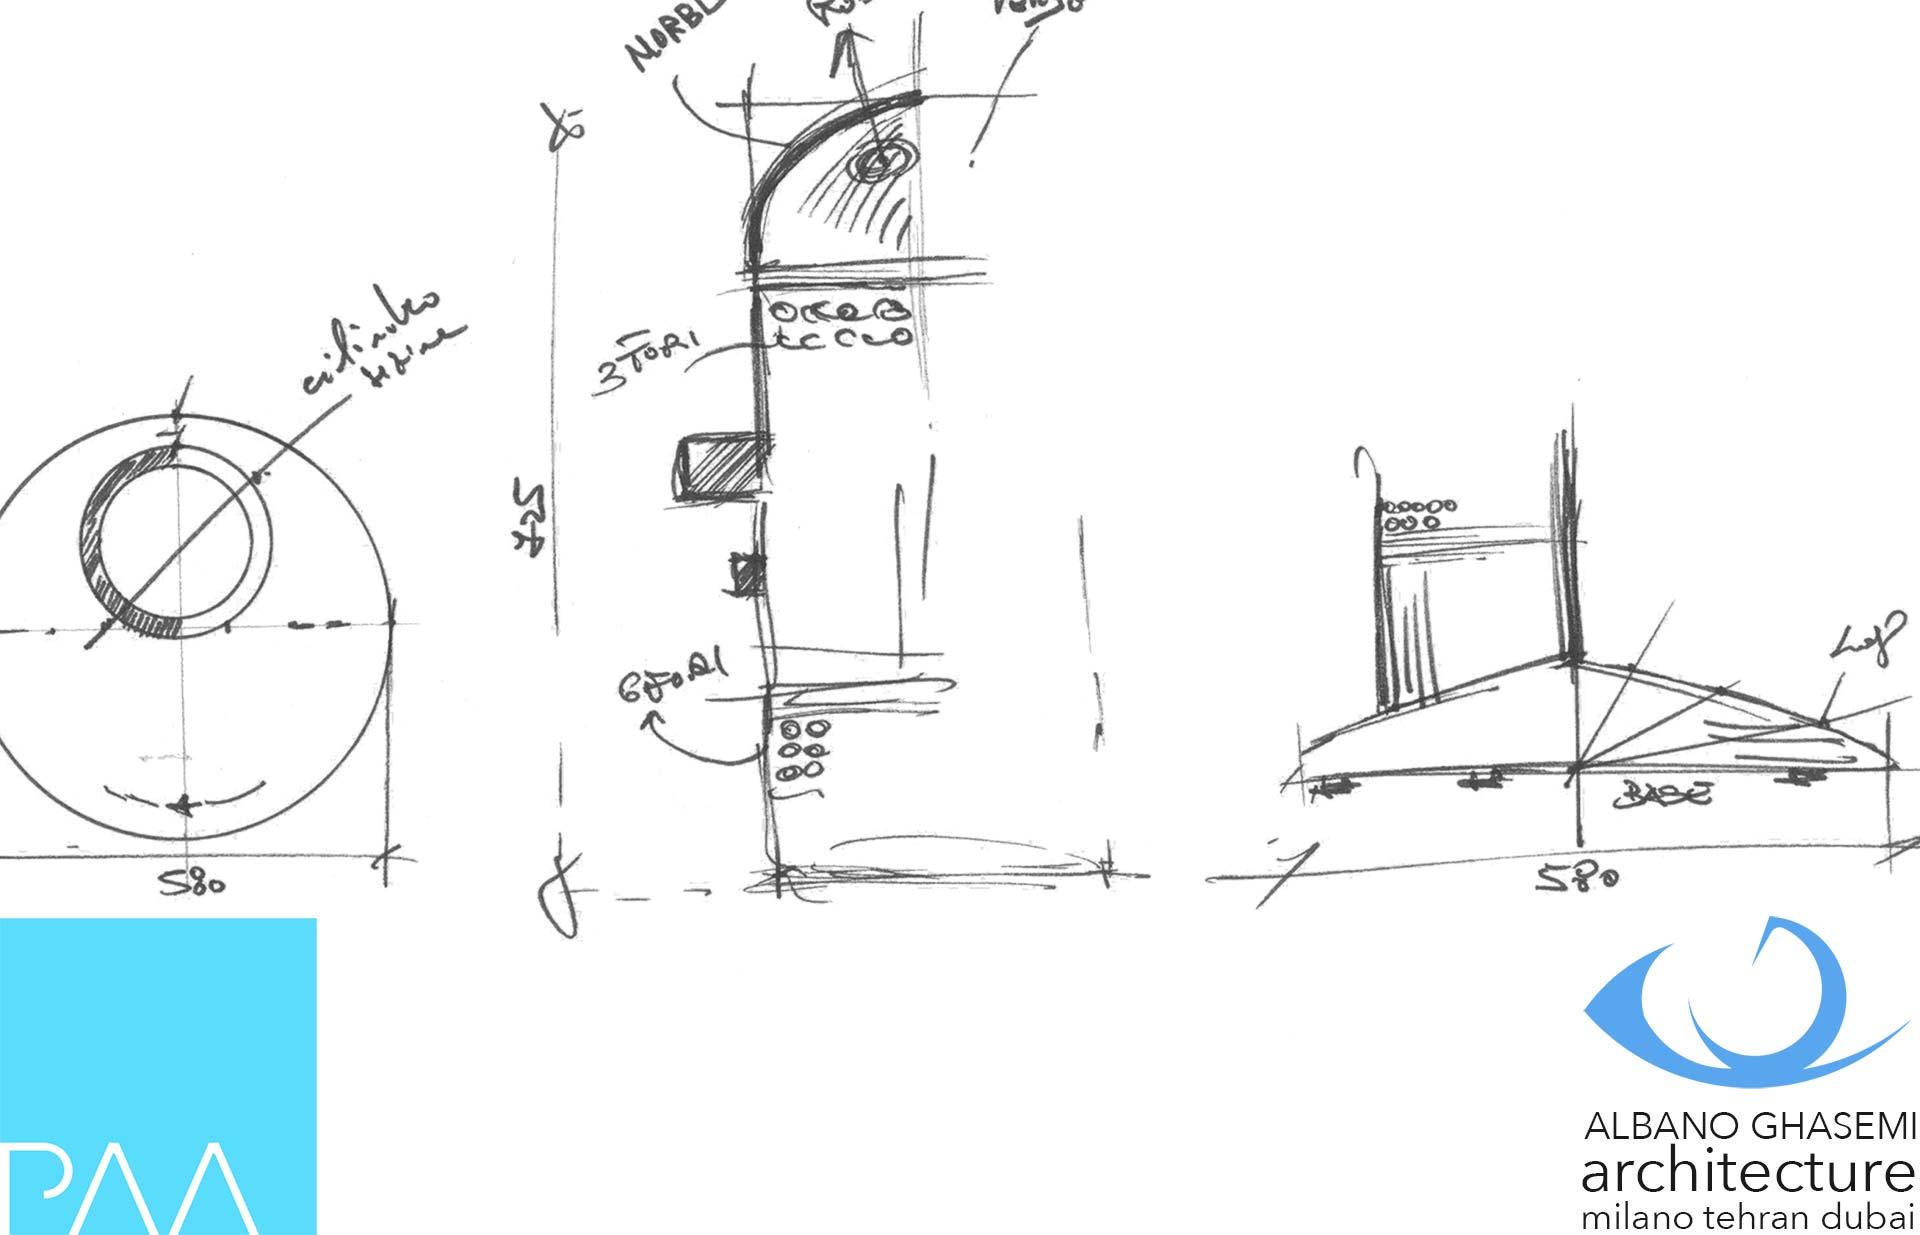 paolo albano architetto design exhibition progettazione architettonica industrial design graphic design PAA slider attico lago